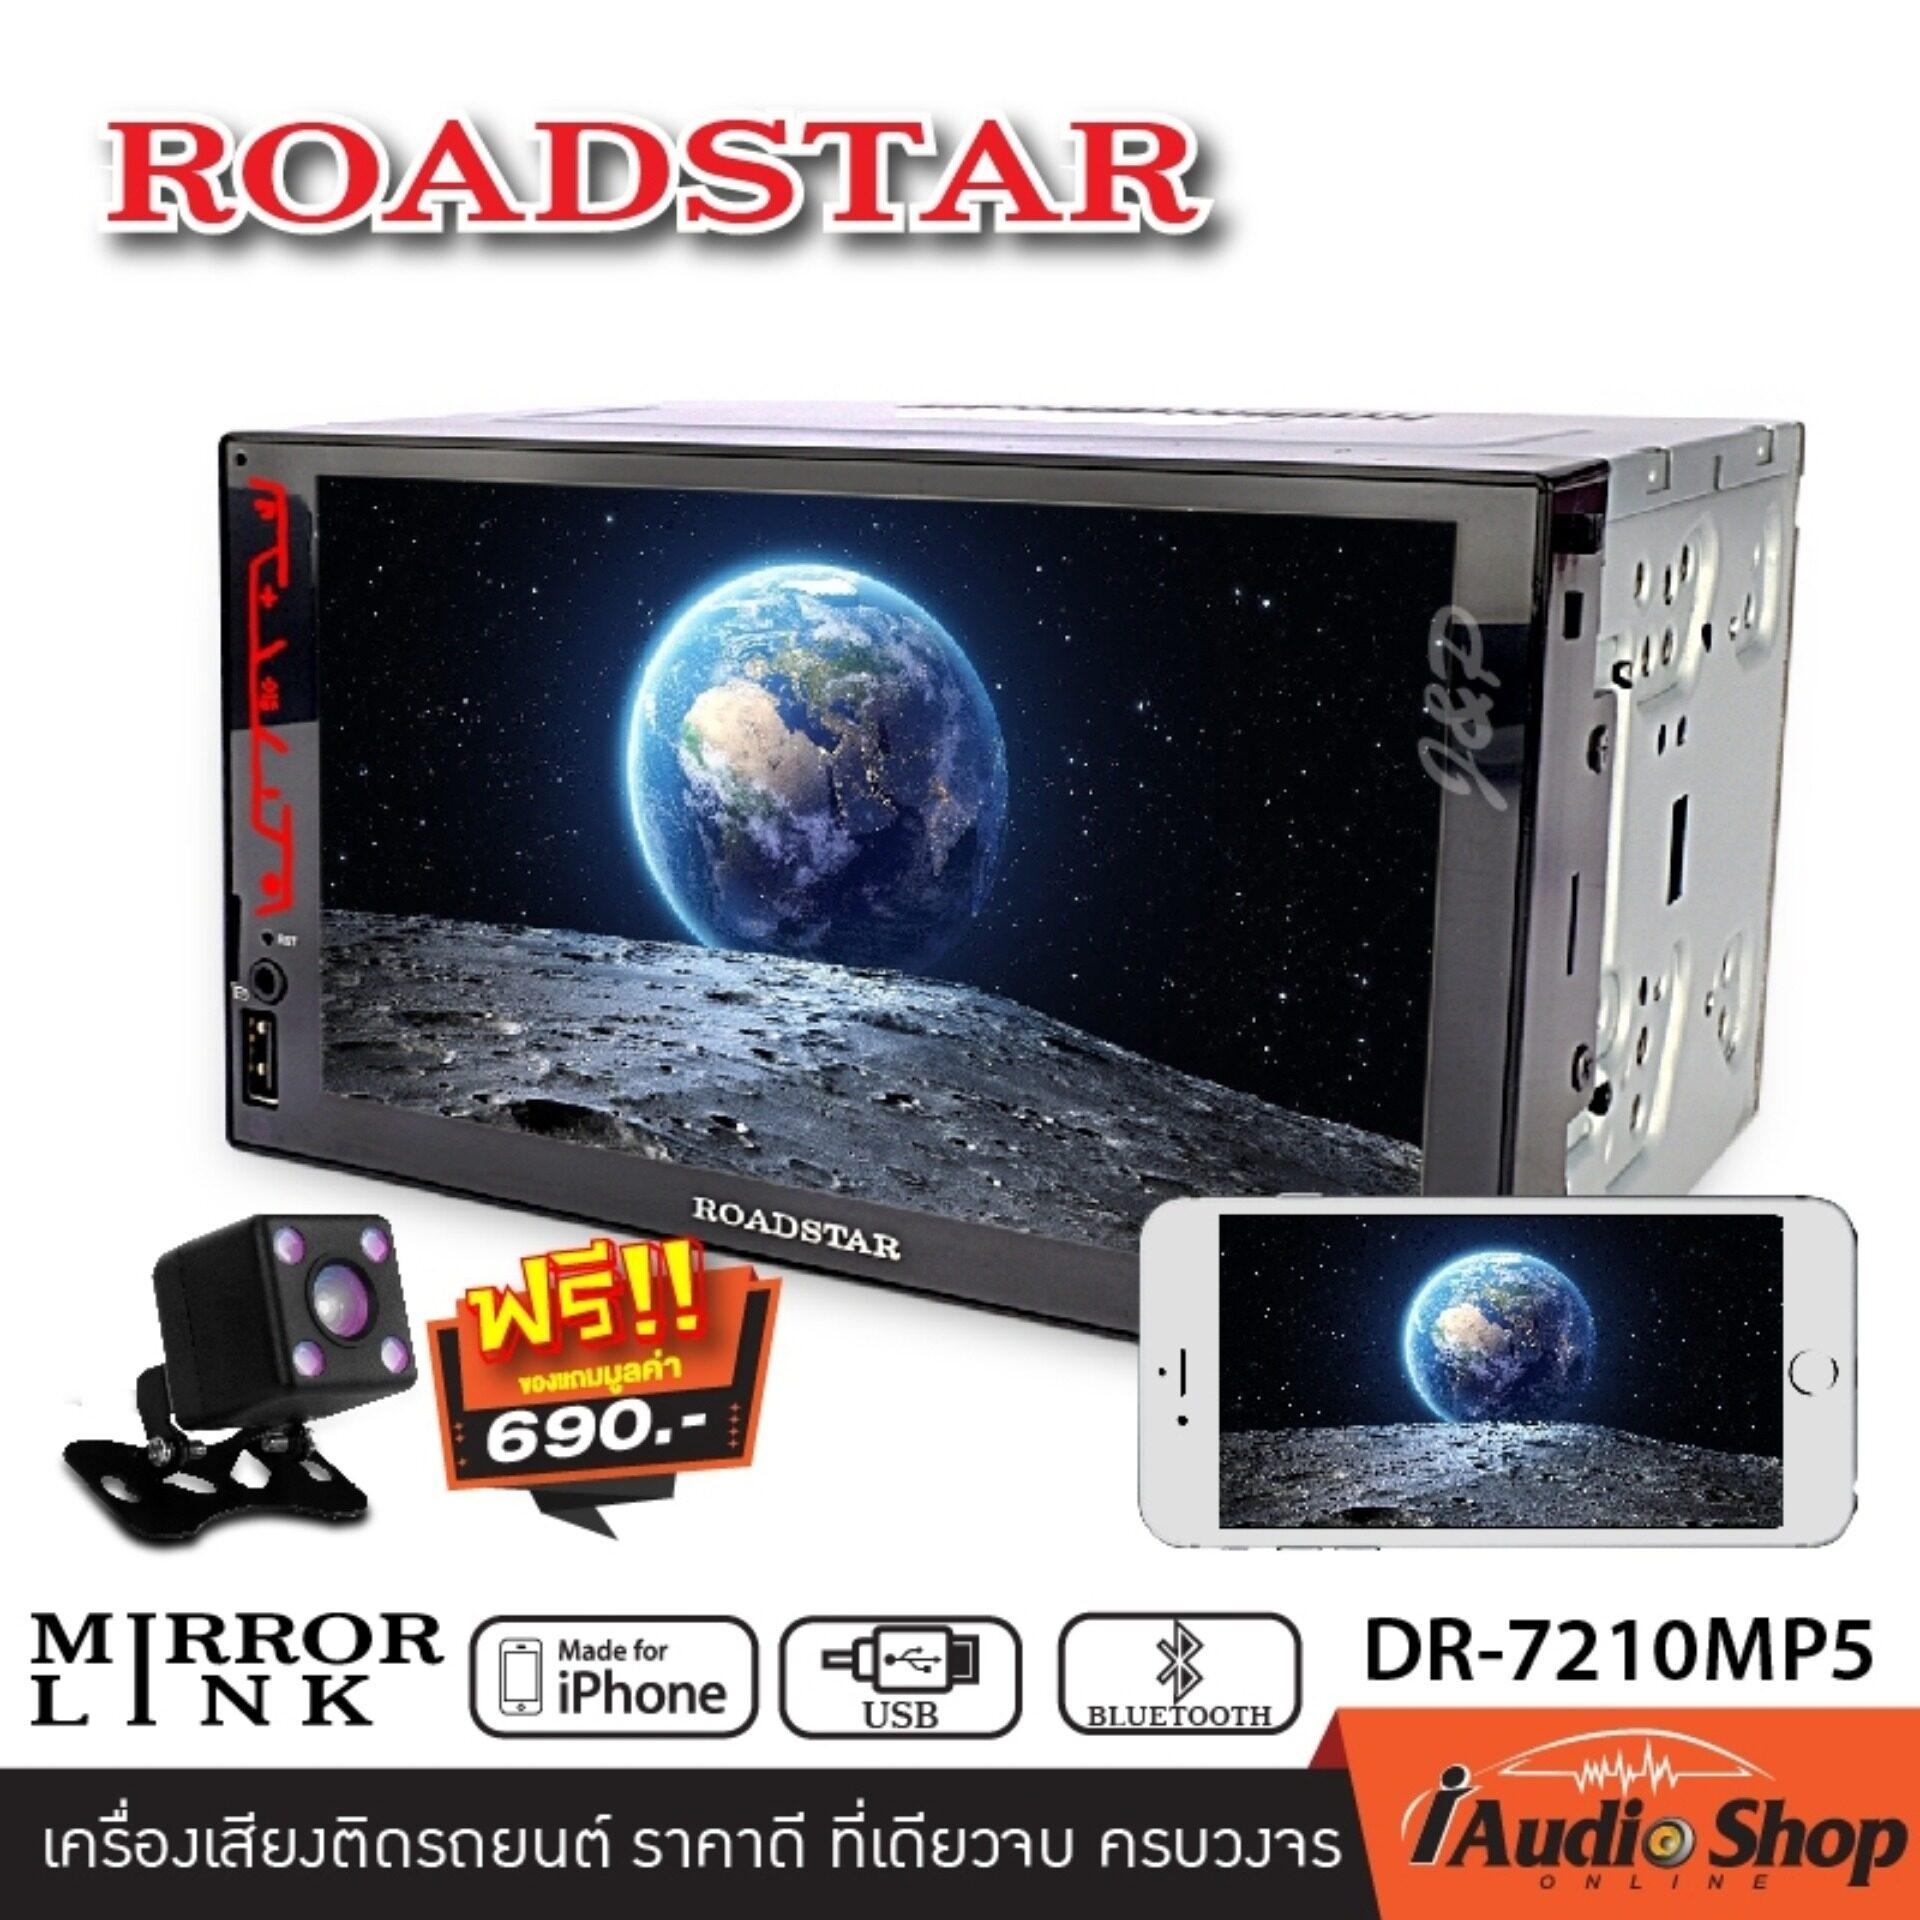 แถมฟรี!!กล้องมองหลัง เครื่องเสียงรถ วิทยุติดรถยนต์ Roadstar Dr-7210mp5 (mirrorlink รองรับ Androidสูงสุด 9.0) แบบไม่ใช้แผ่น 2din ขนาด7นิ้ว.